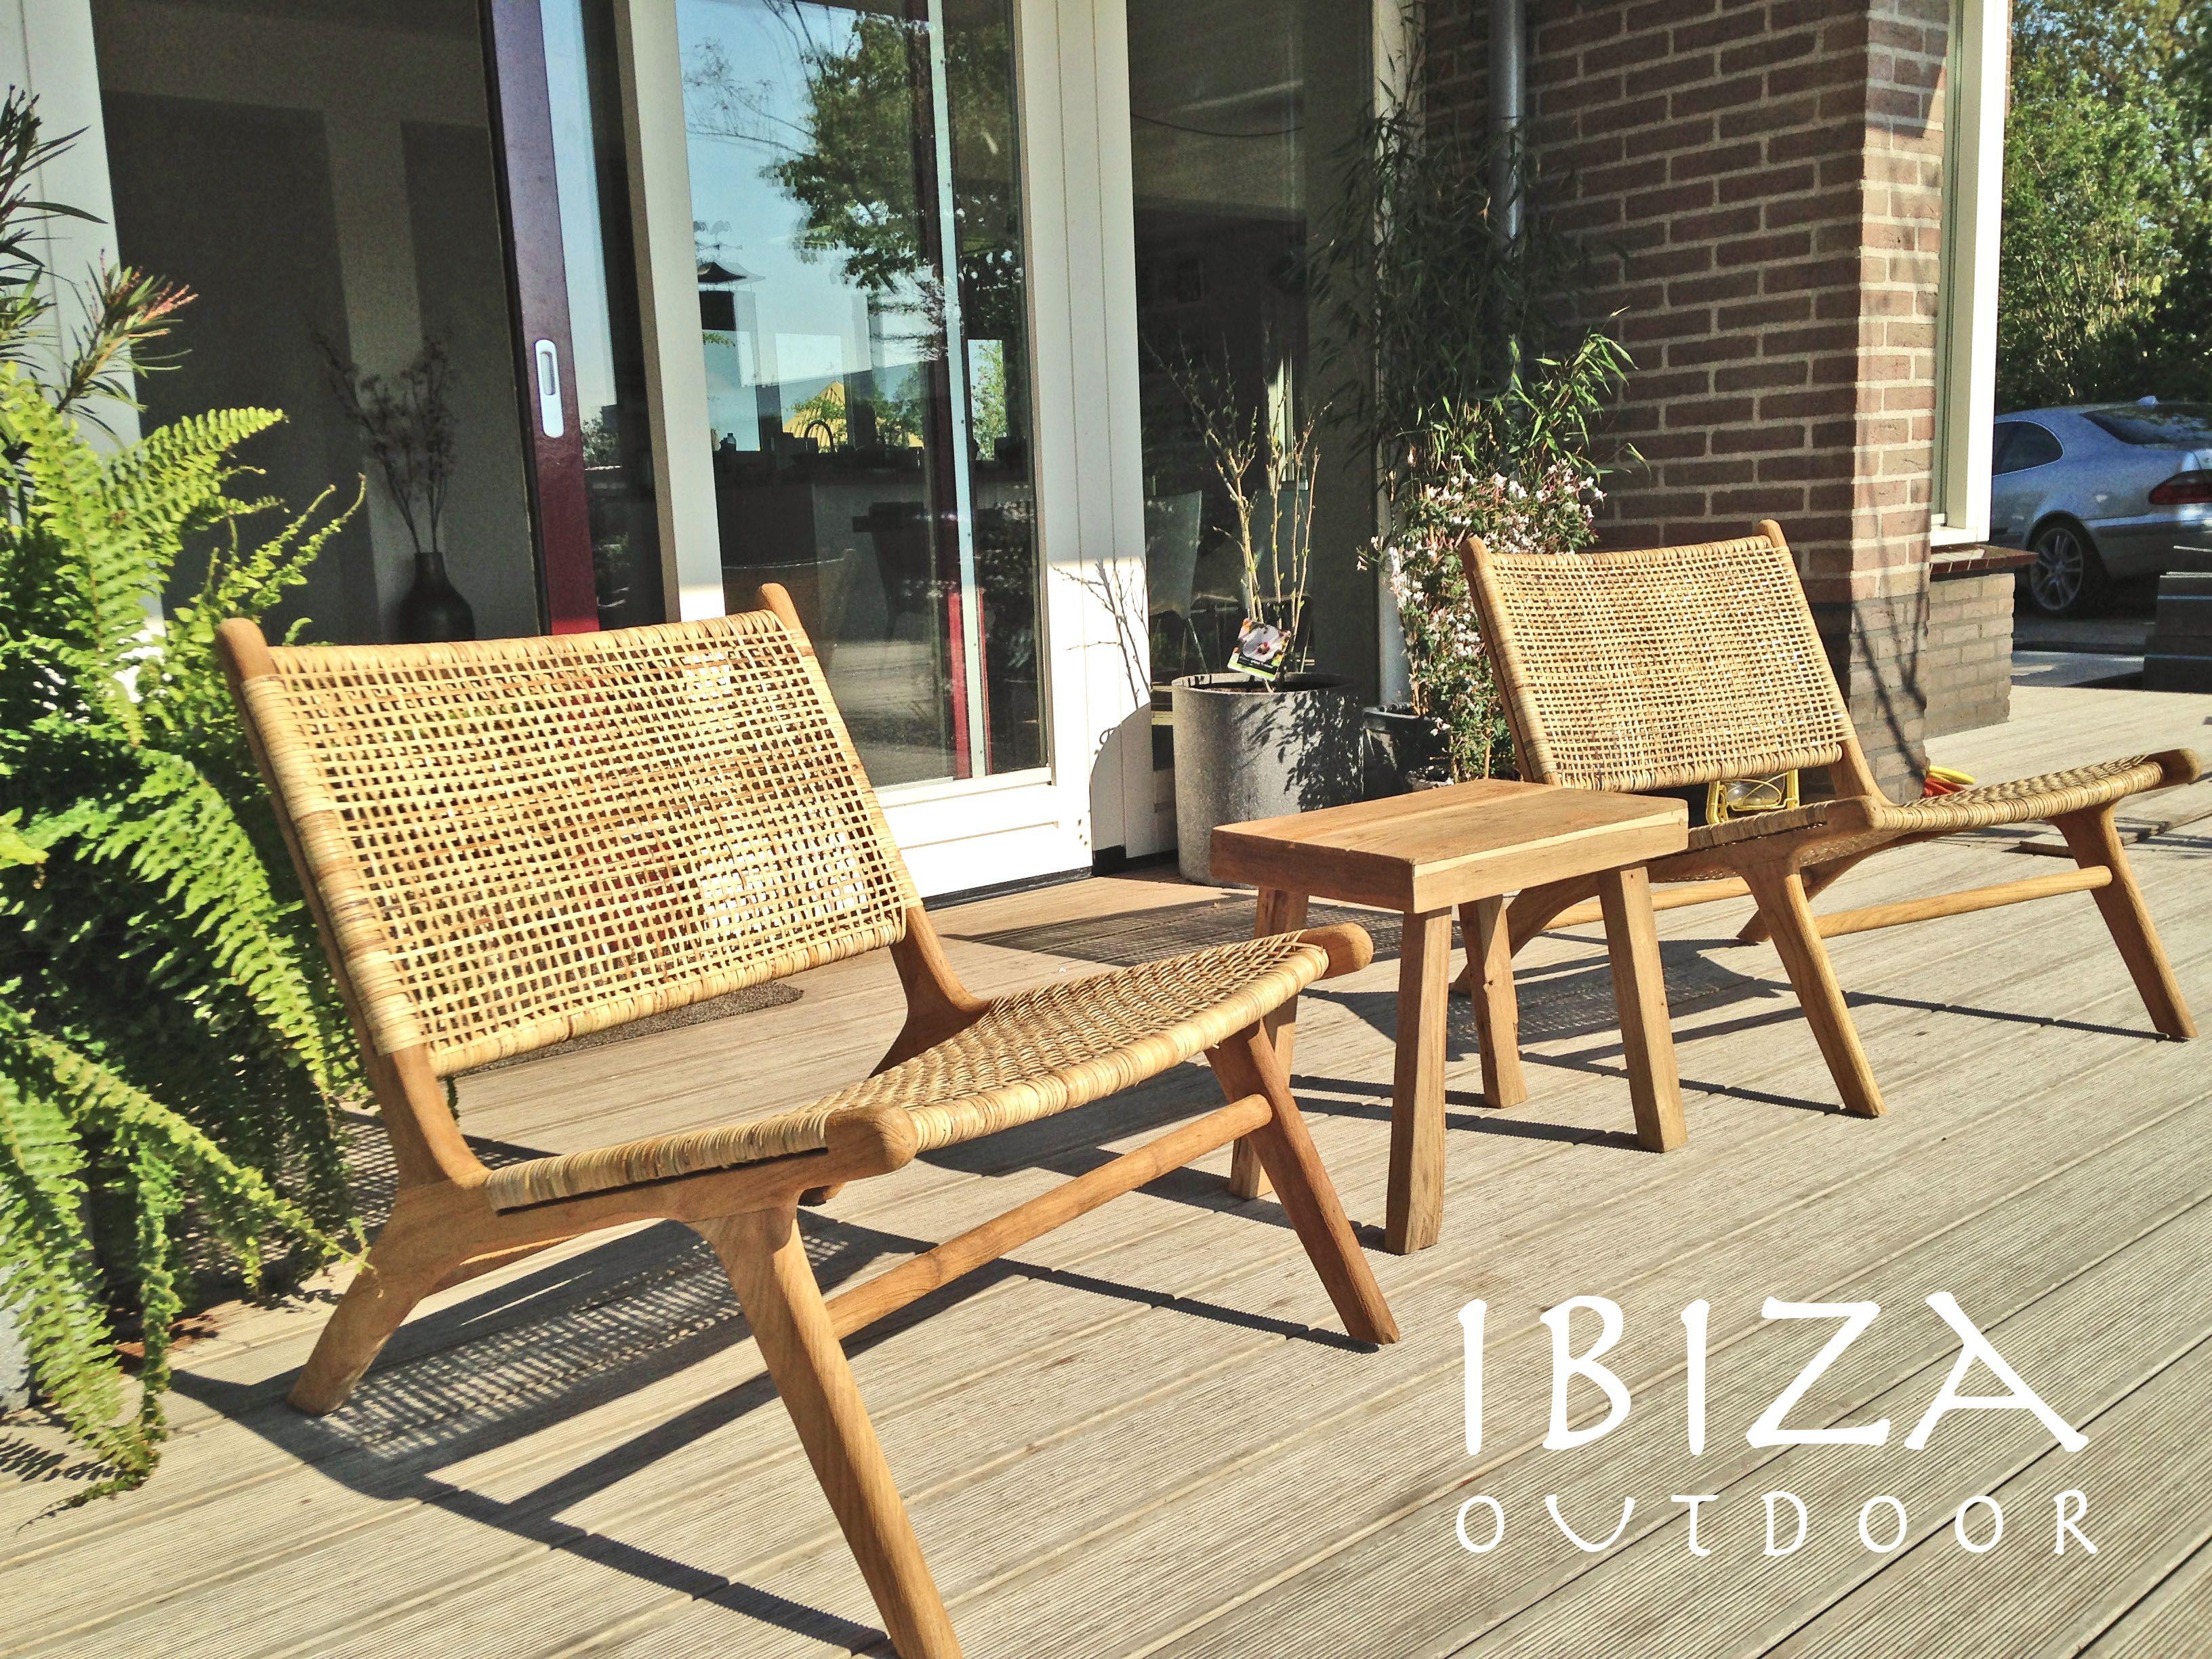 Leuke foto ontvangen uit gouda met onze ushuaia lounge stoelen van rotan staat erg leuk op deze - Woonkamer rotan voor veranda ...